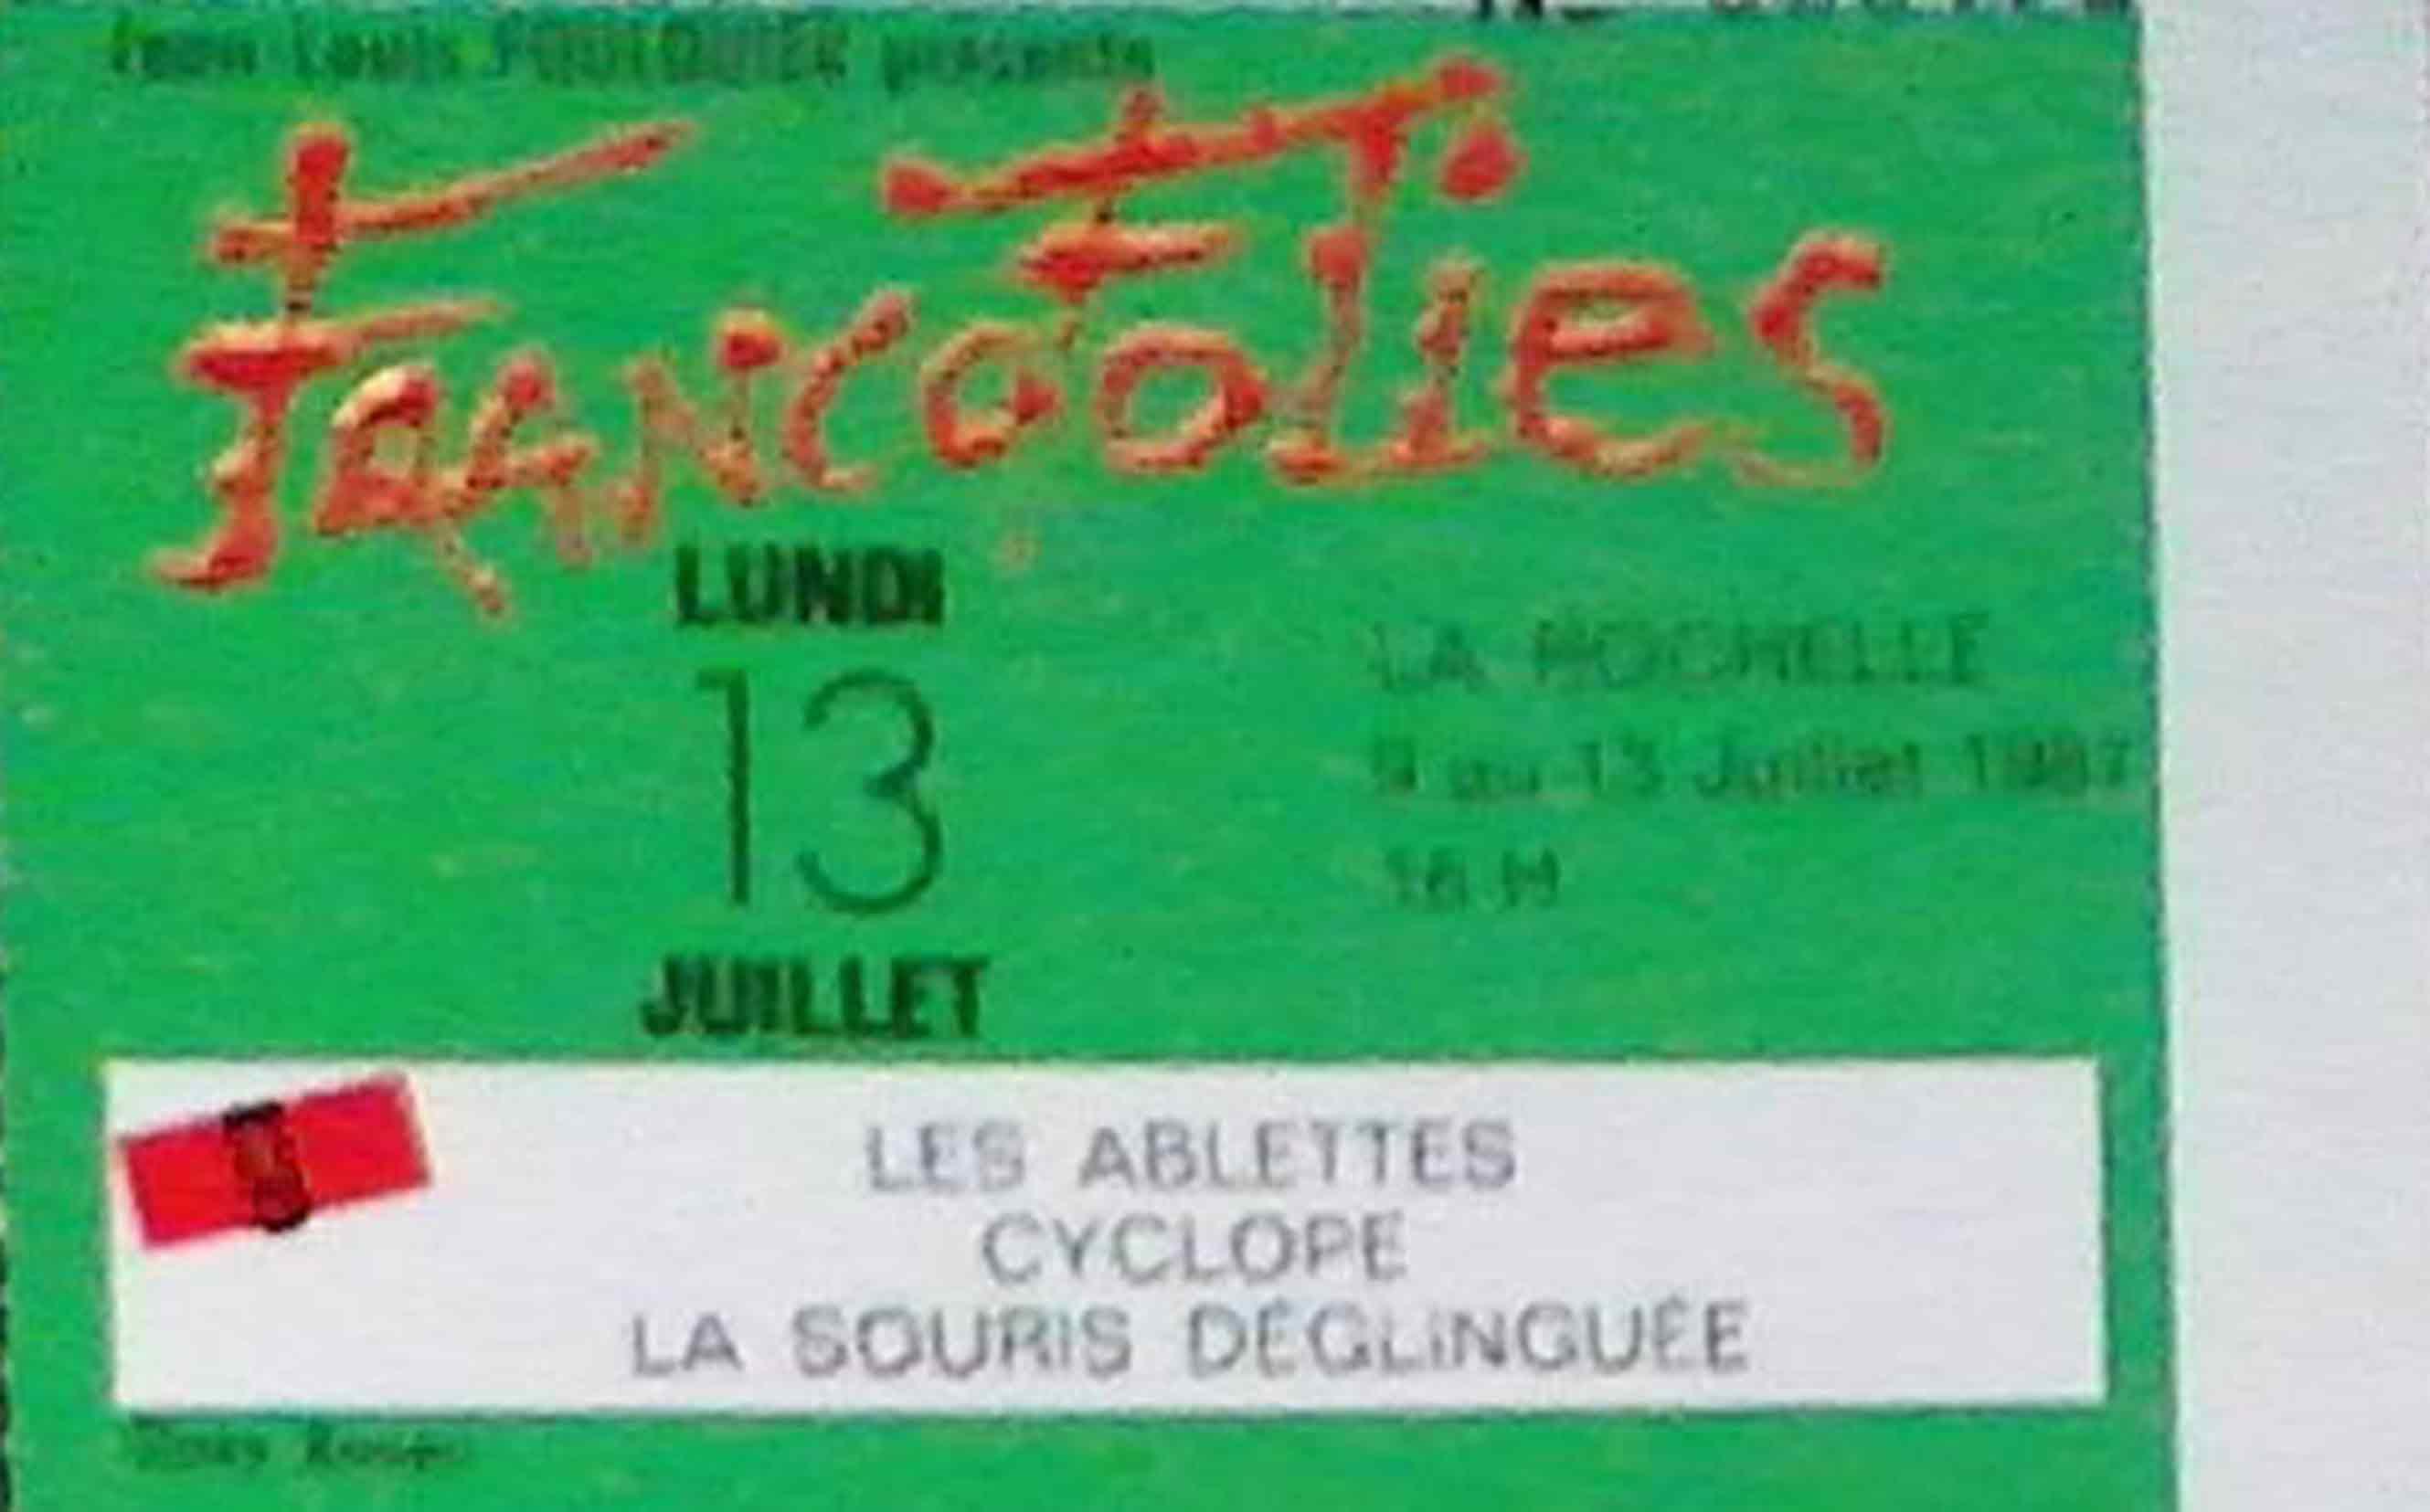 13 juillet 1987 Les Ablettes, Cyclope, La Souris Deglinguée à La Rochelle